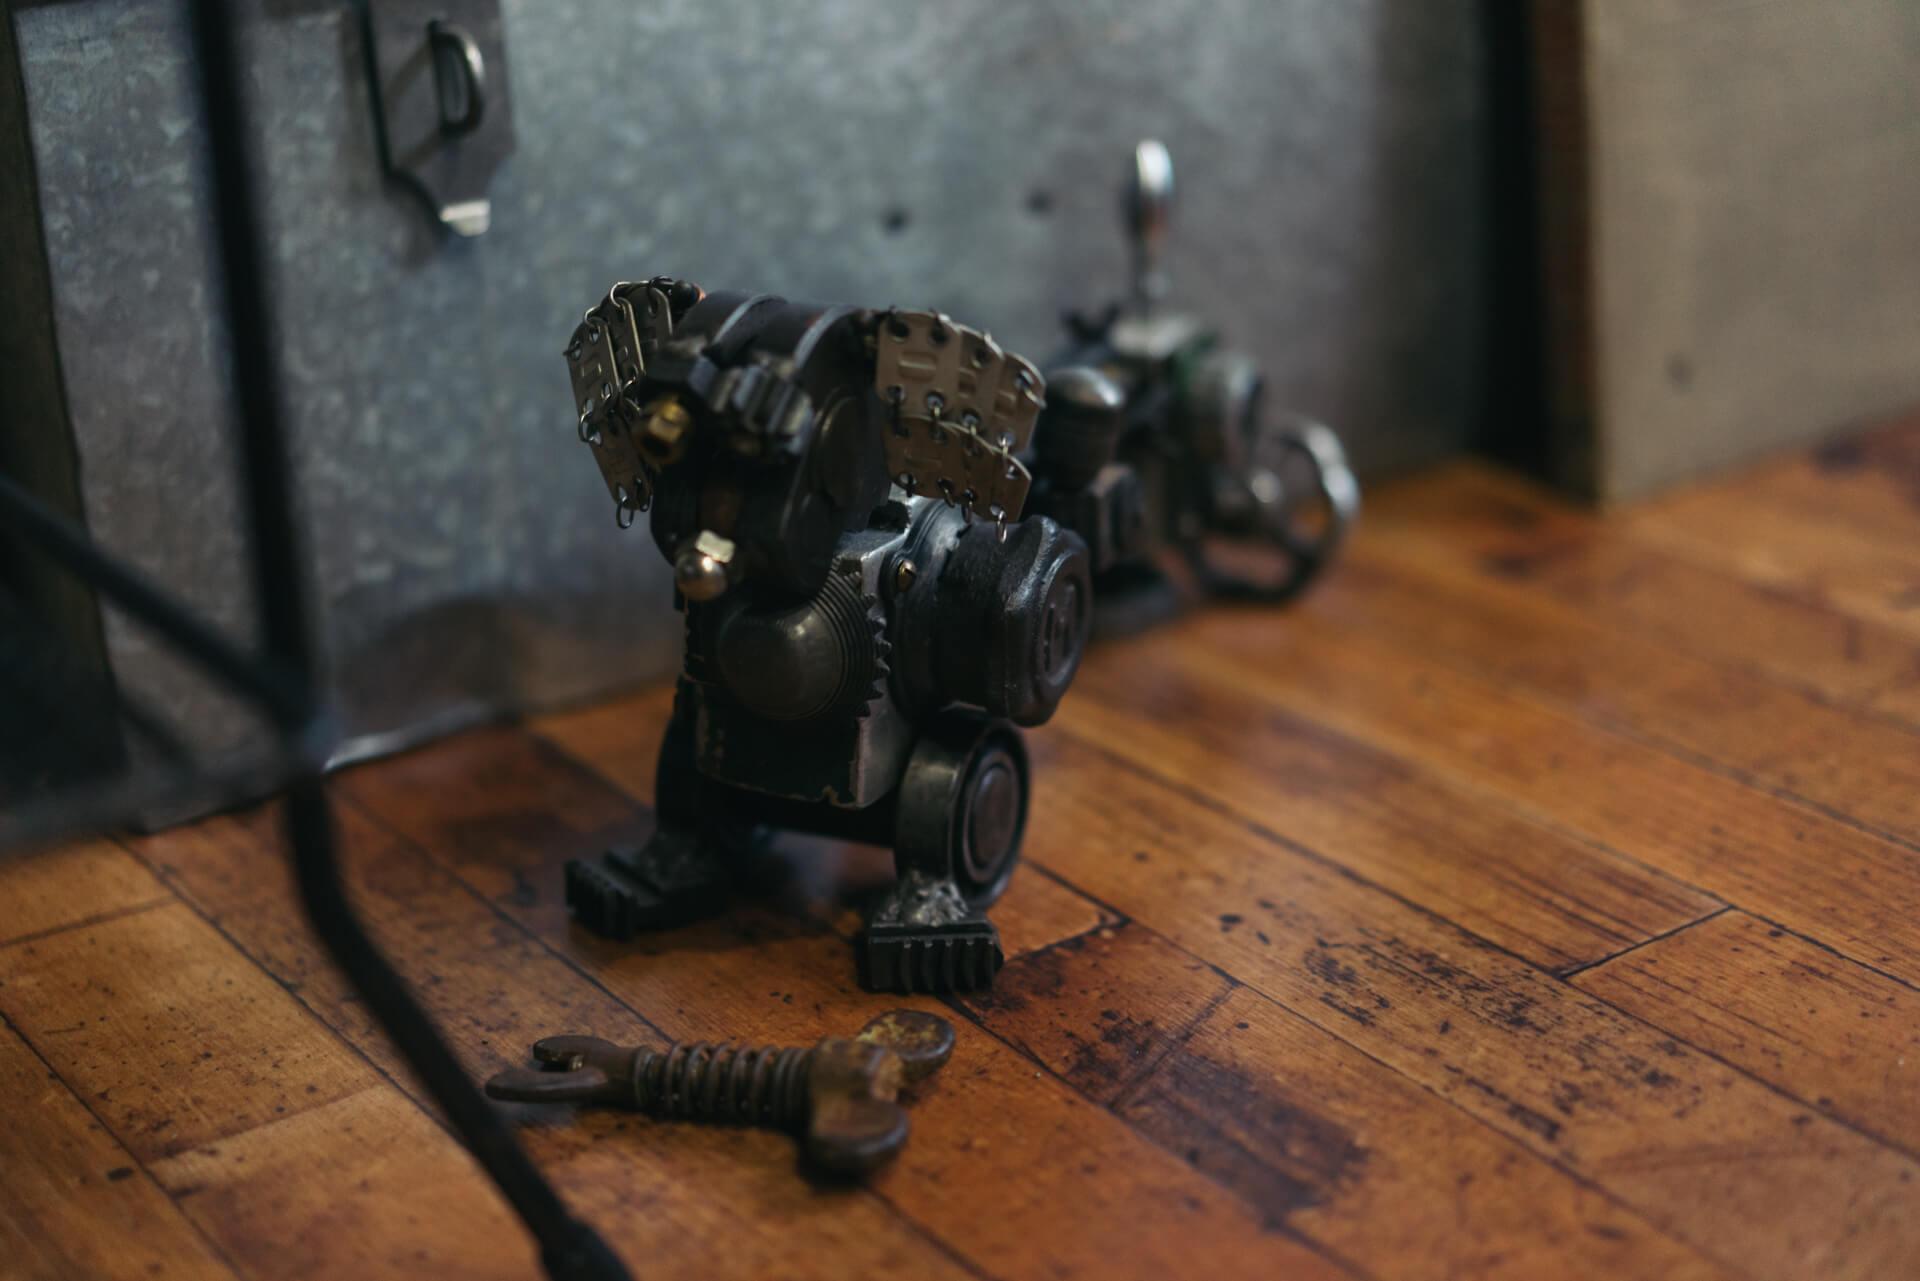 部屋の片隅には愛犬をモデルにネジや工具を組み合わせて作っていただいたというフィギュアが!(作者は2rwさん https://www.instagram.com/kencyannman/)